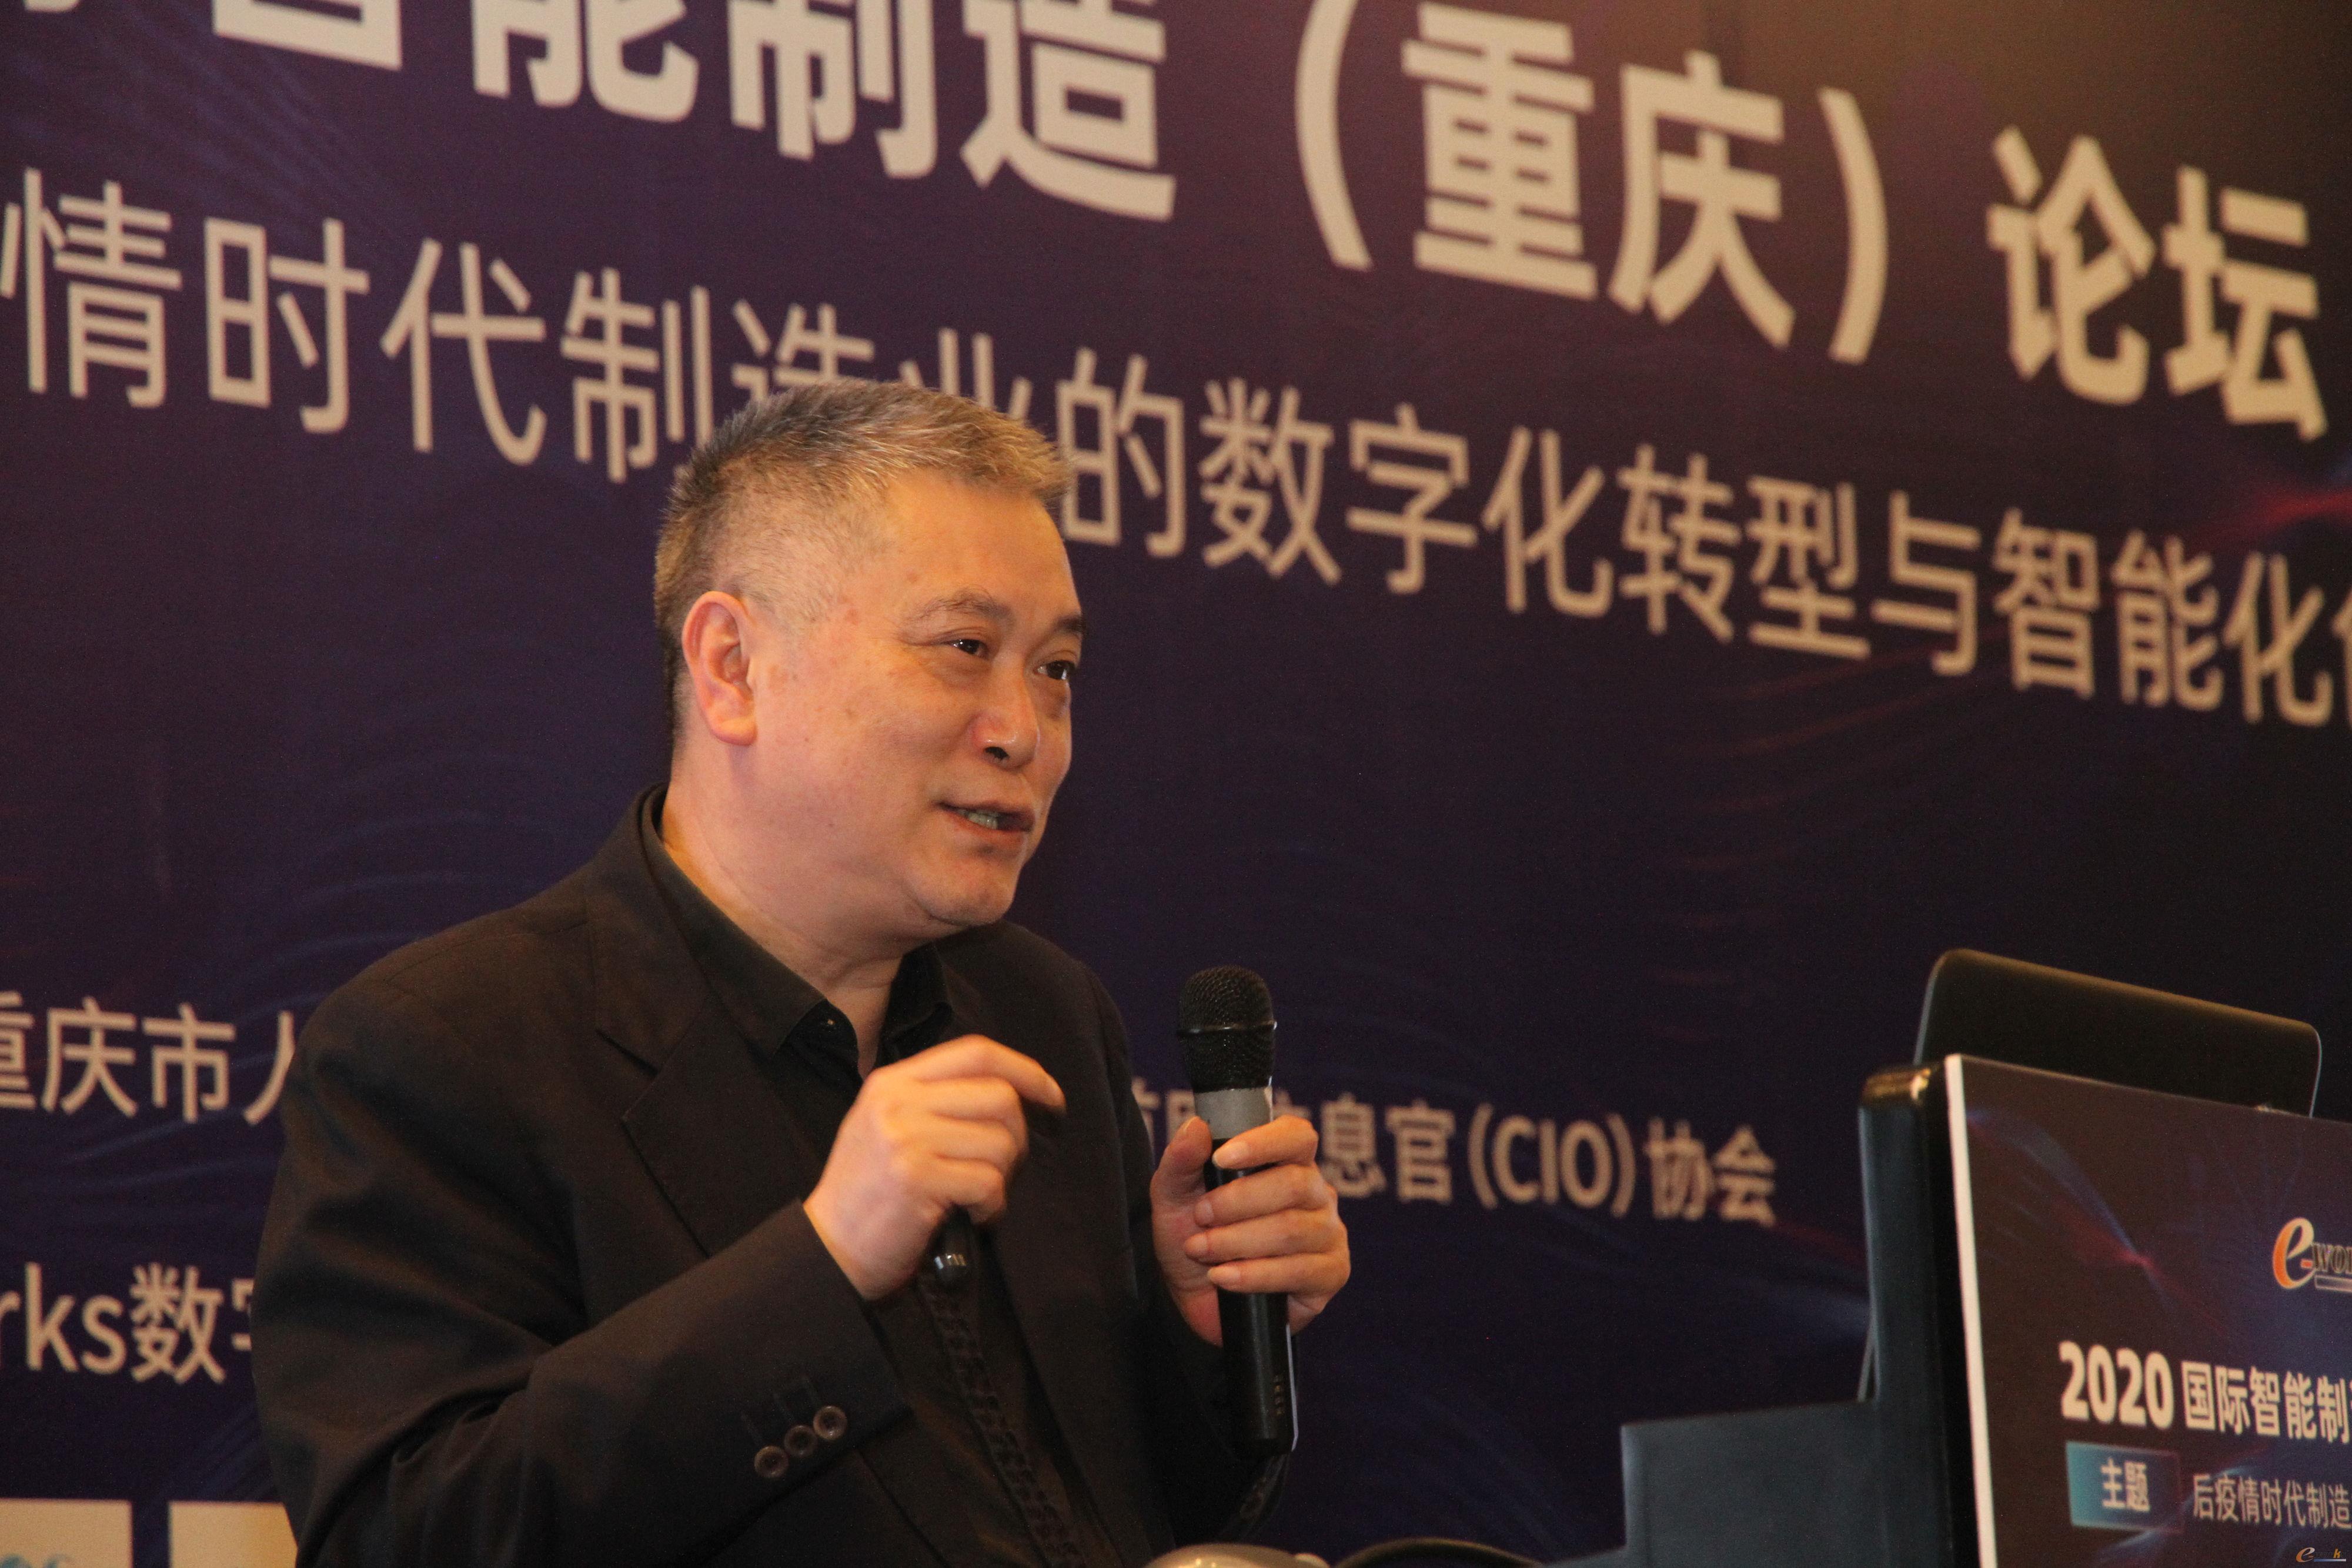 重庆银河试验仪器有限公司董事长张志贤